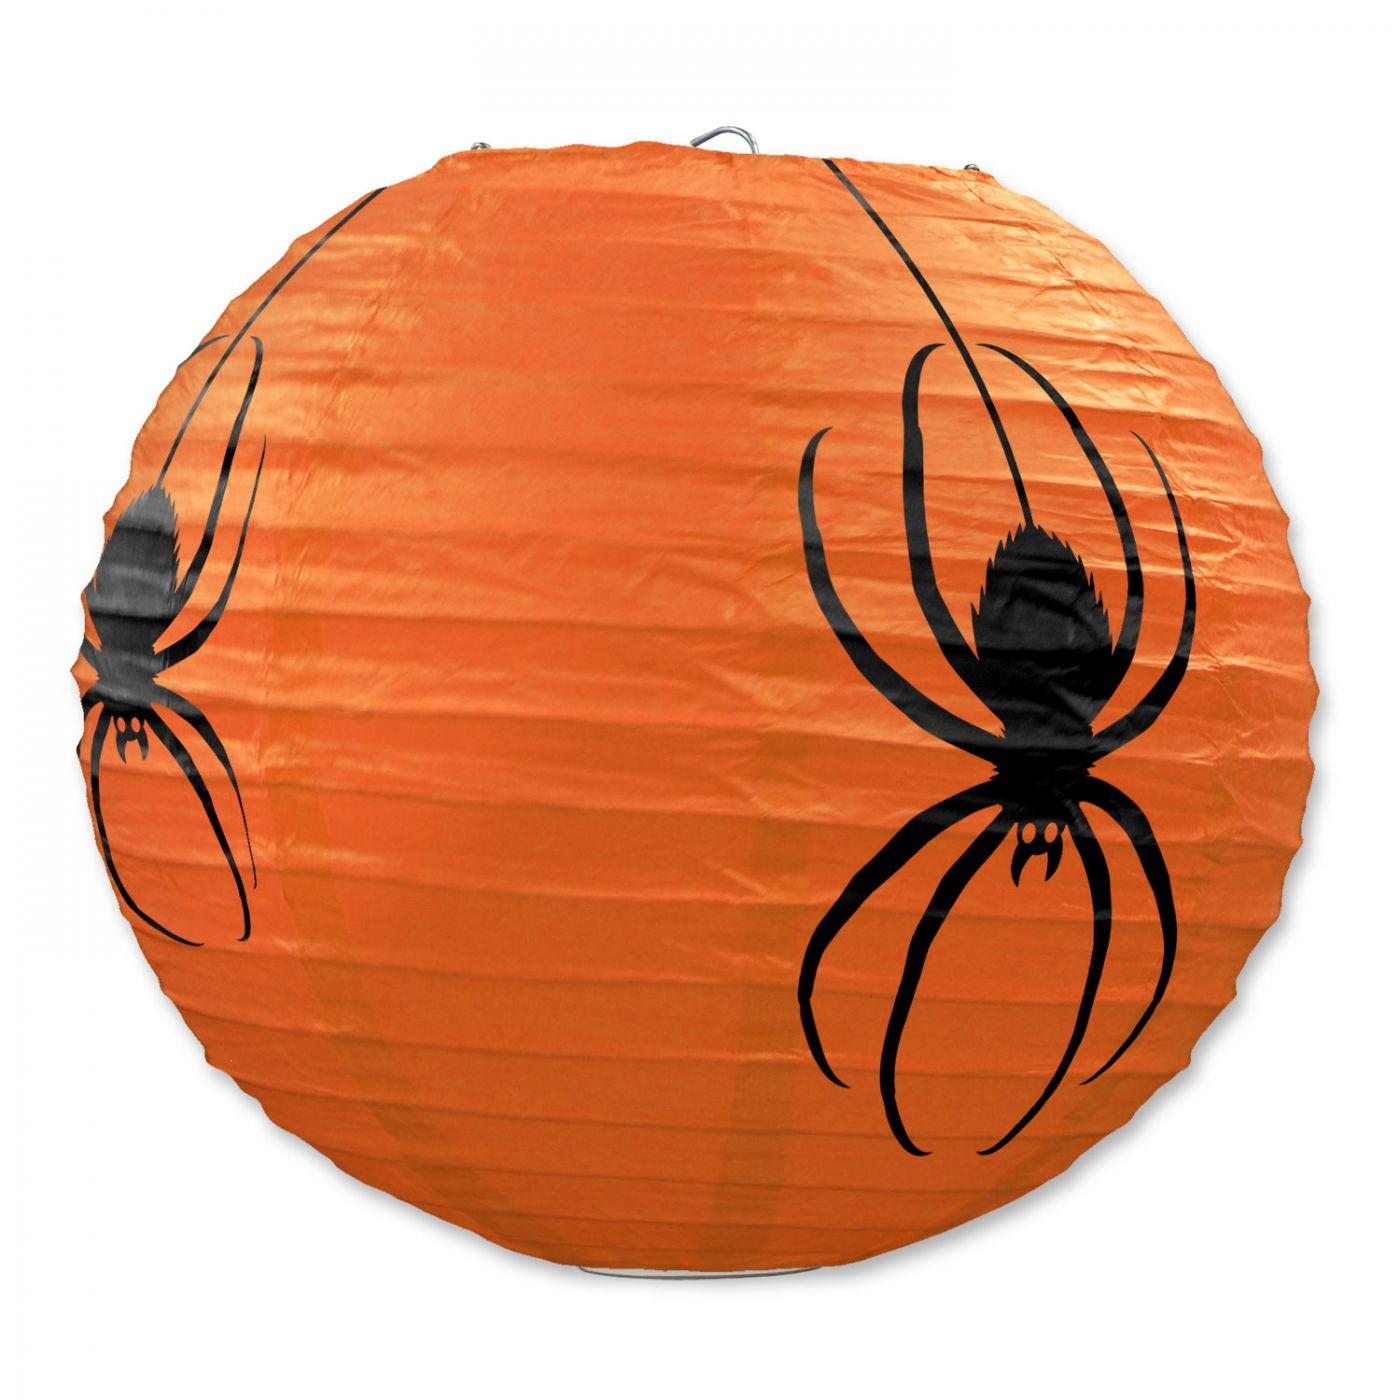 Spider Paper Lanterns (6) image